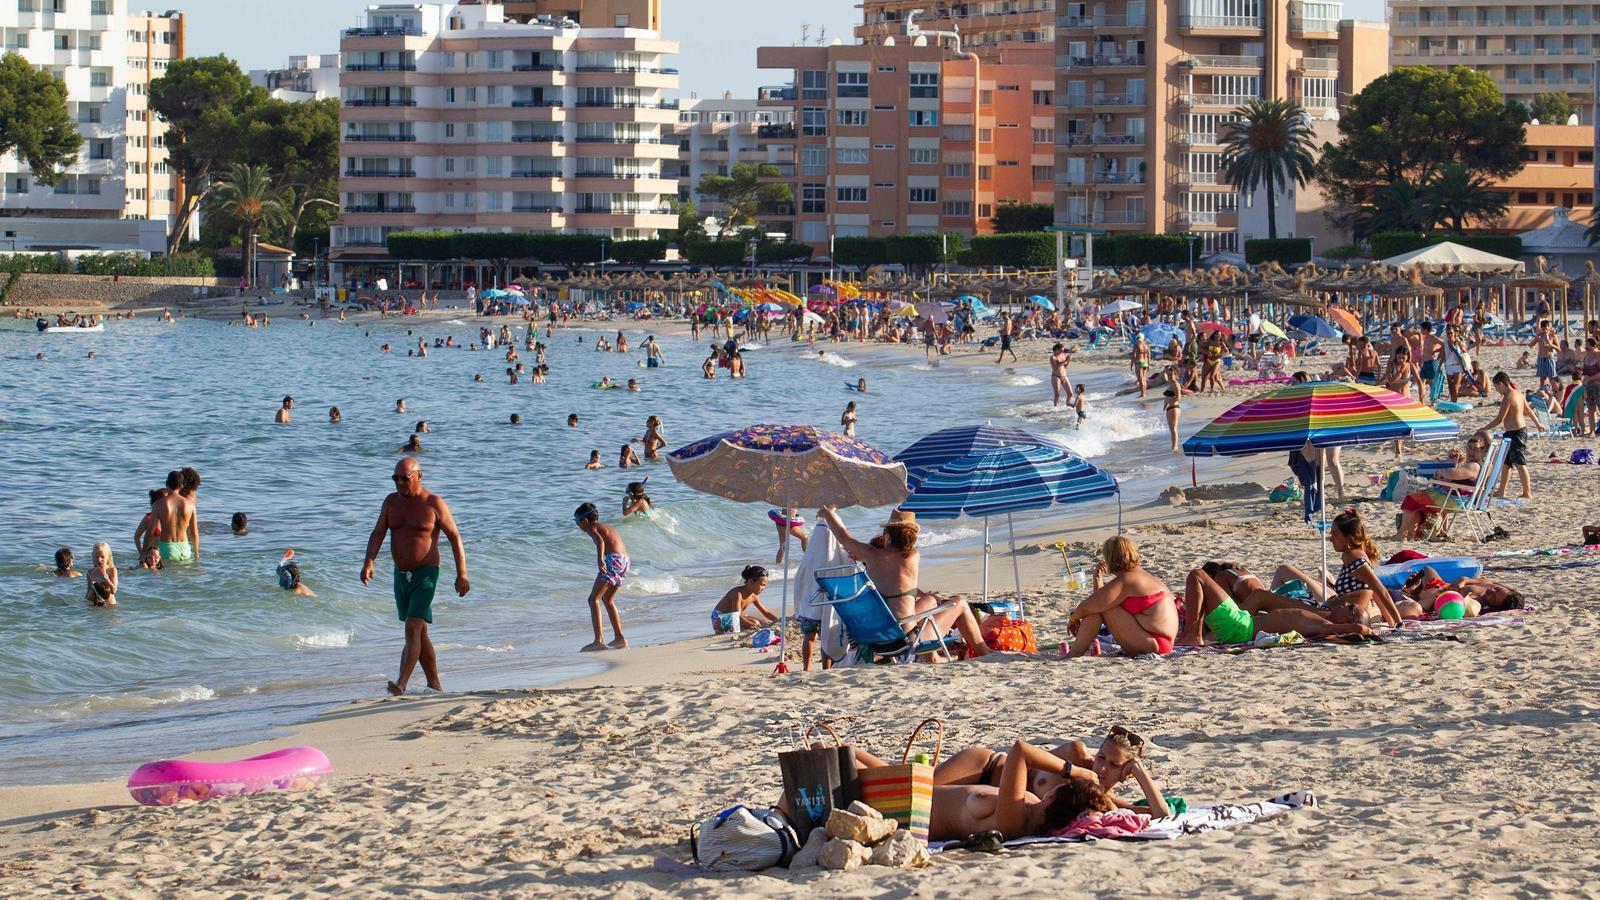 Una imatge de la platja de Palmanova, a l'illa de Mallorca, presa aquest dilluns